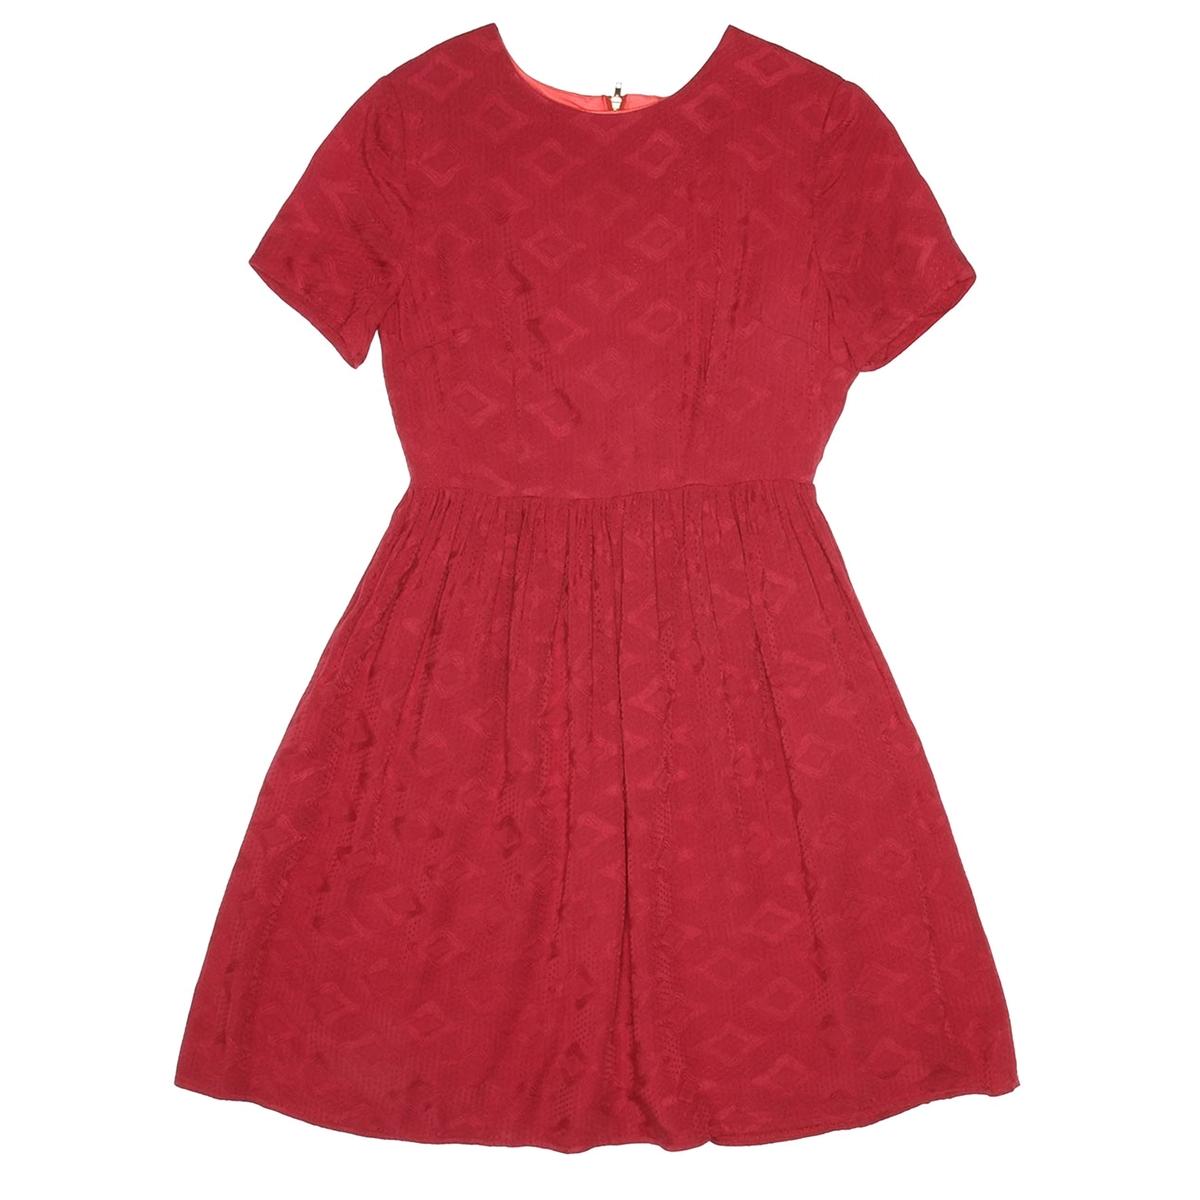 Платье с круглым вырезом и короткими рукавамив винтажном и романтичном стиле, истинно женственное!Состав и описаниеМатериал:  100% вискозыМарка: Pepaloves.Застежка: молния сзади.<br><br>Цвет: красный